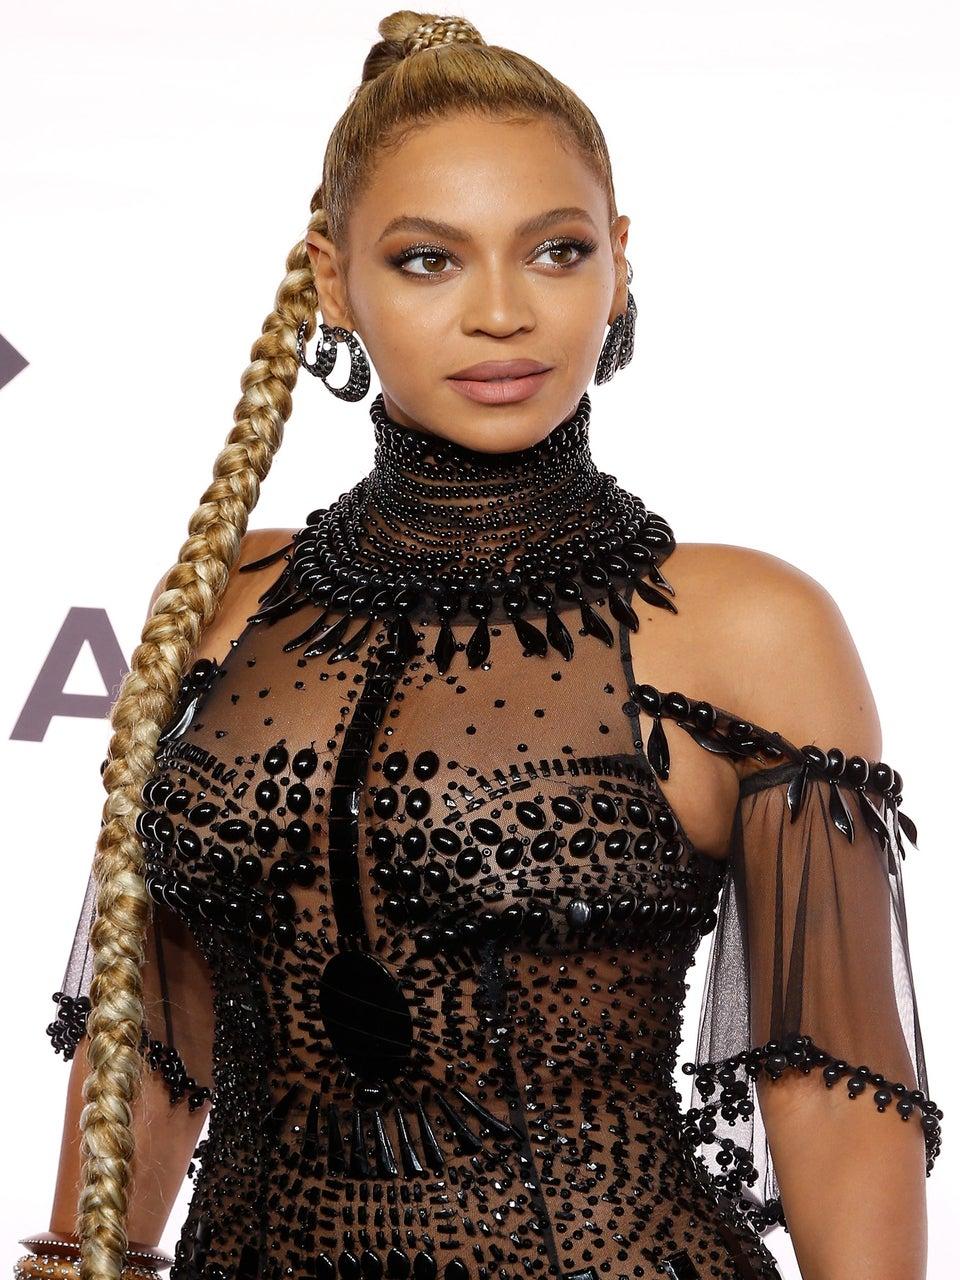 Beyoncé's Pregnancy Announcement Sparks Half a Million Tweets In 45 Minutes